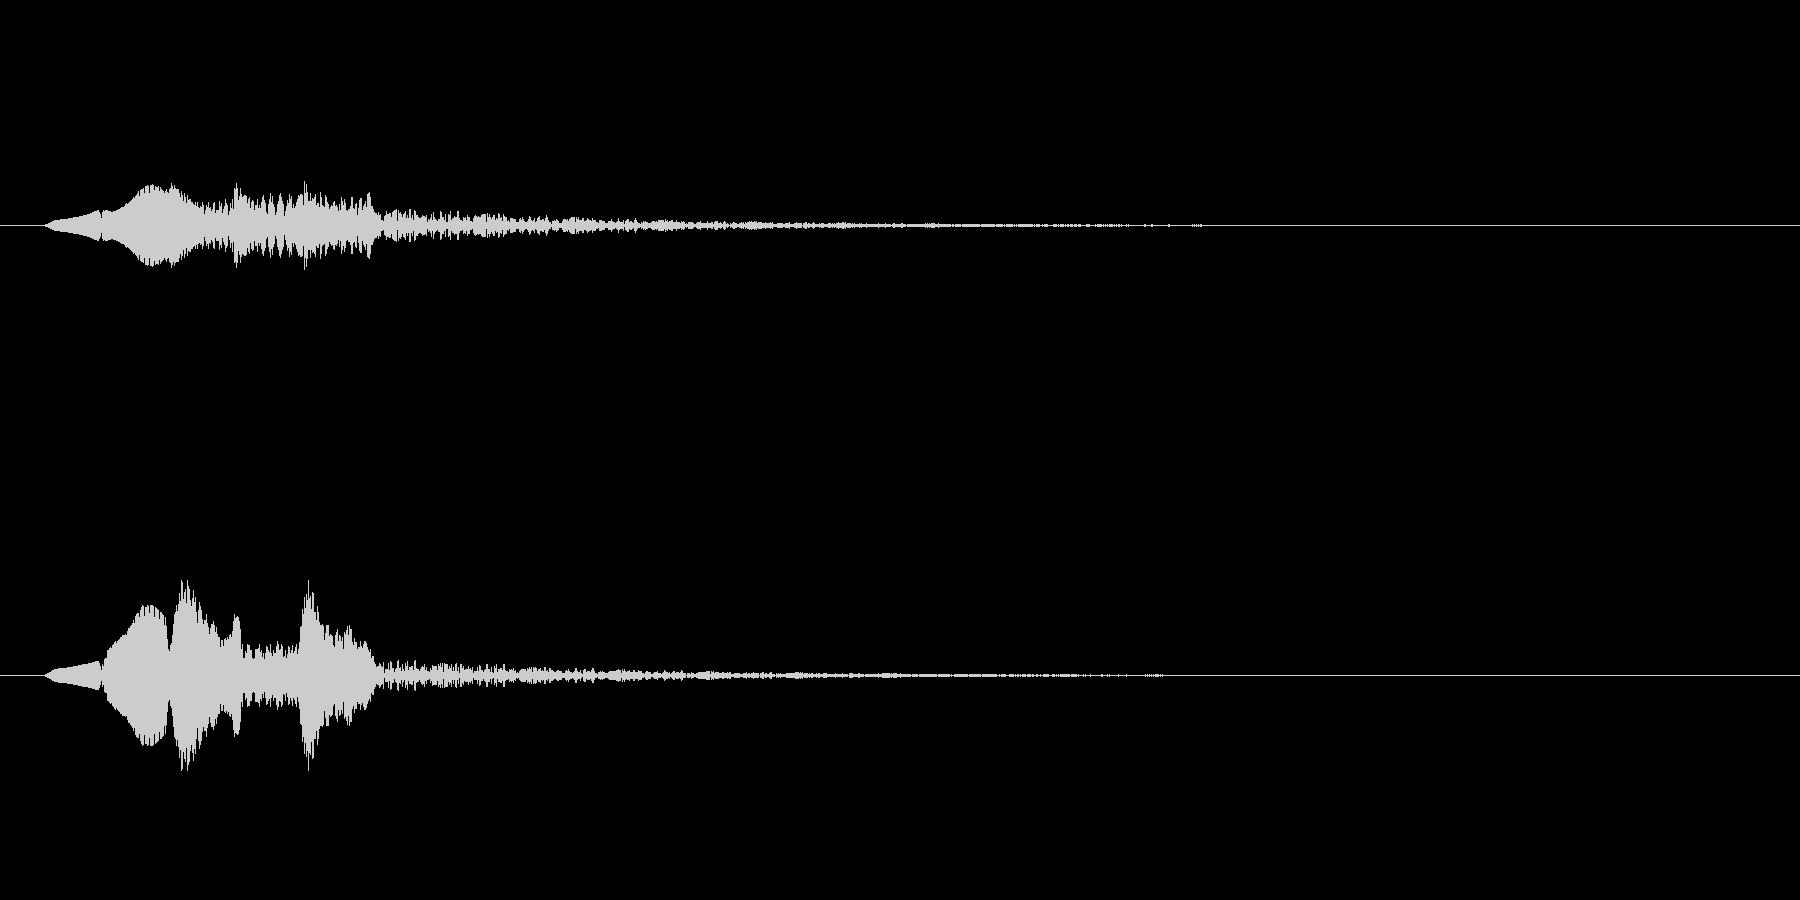 ピロリン↓(下降する音階)の未再生の波形